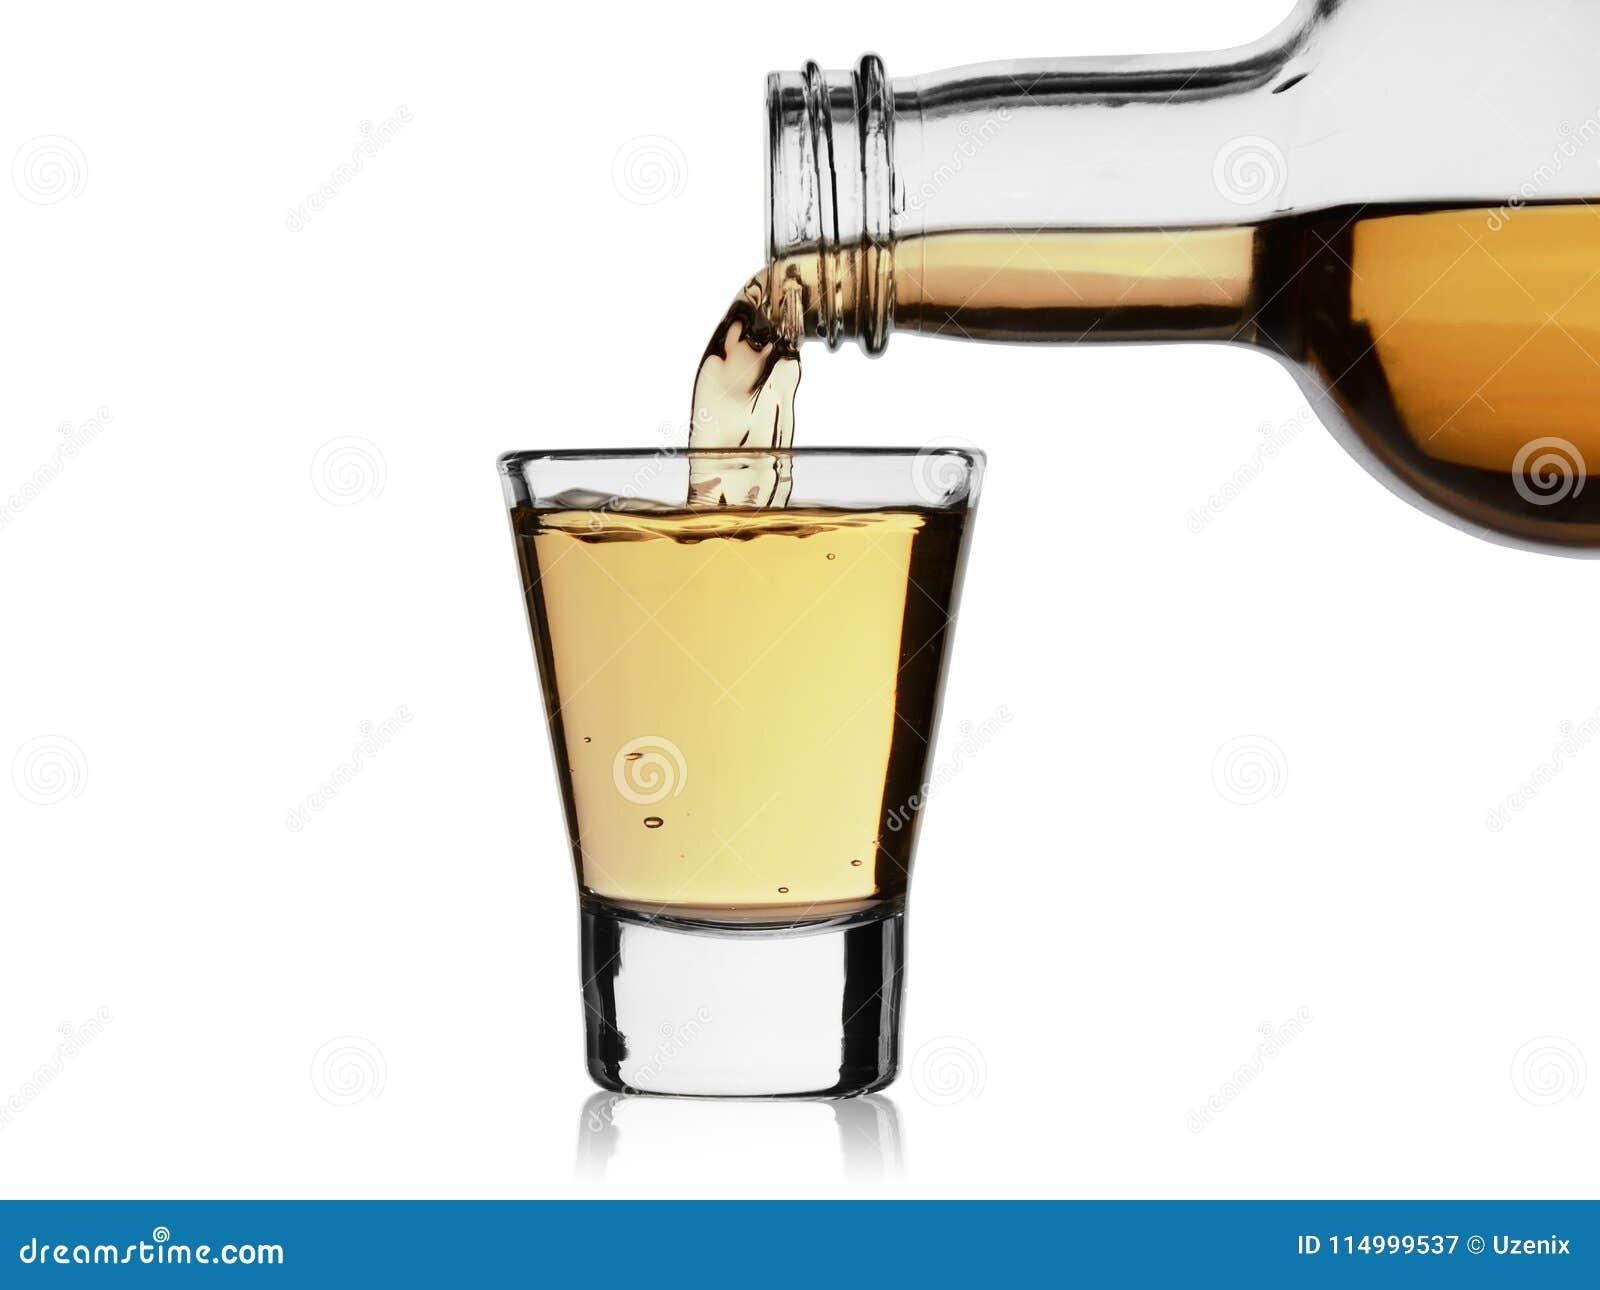 Το οινοπνευματώδες ποτό χύνει από ένα μπουκάλι σε ένα γυαλί, που απομονώνεται σε ένα άσπρο υπόβαθρο